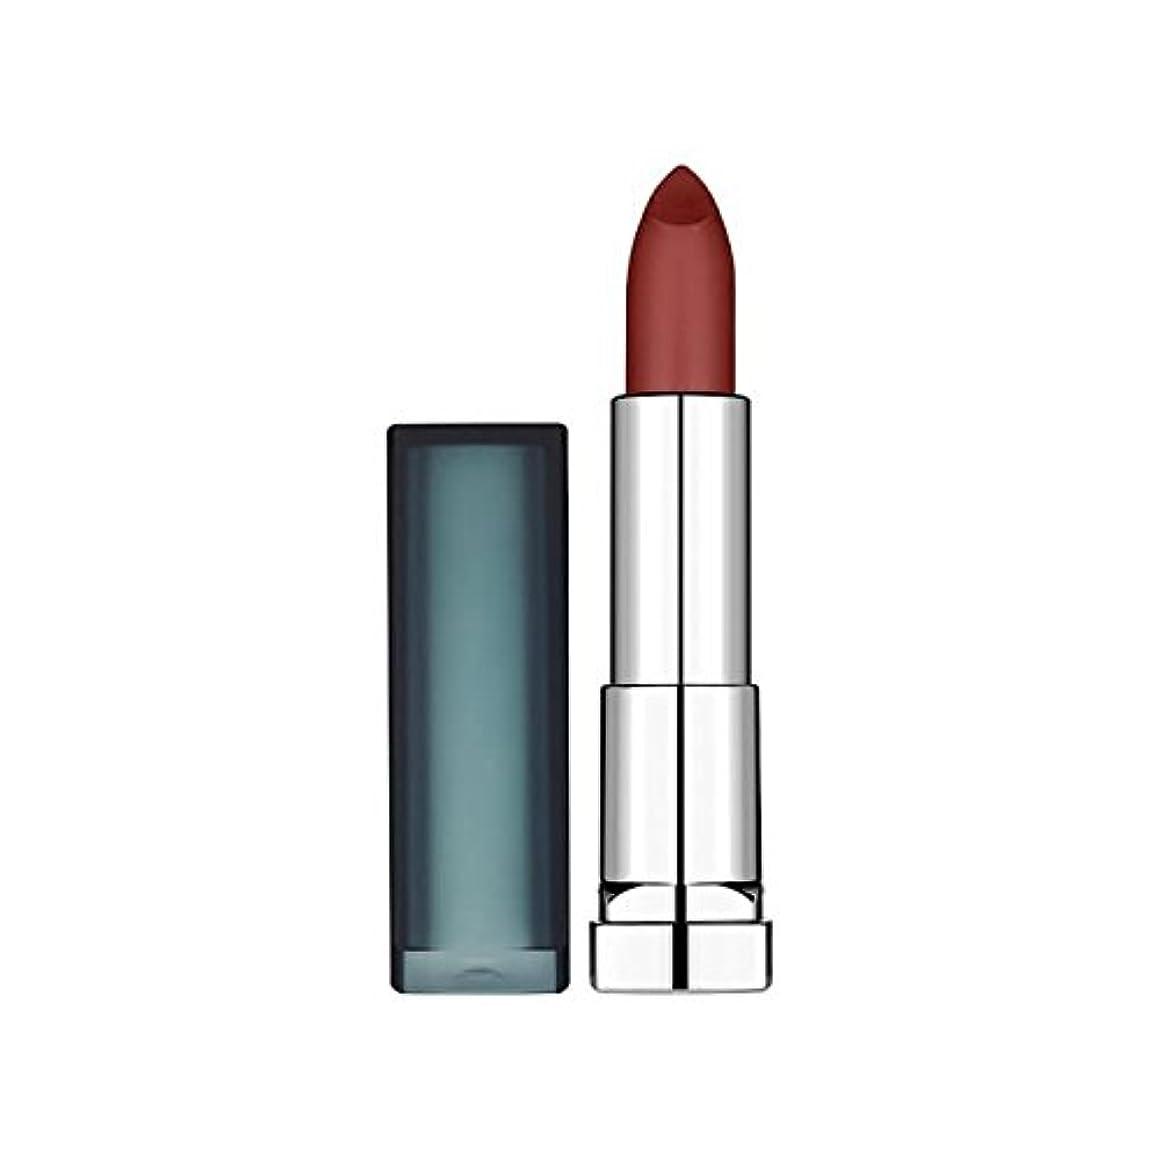 応答コスチューム転用Maybelline Color Sensational Matte Lipstick 975 Divine Wine - メイベリンカラーセンセーショナルなマット口紅975神のワイン [並行輸入品]